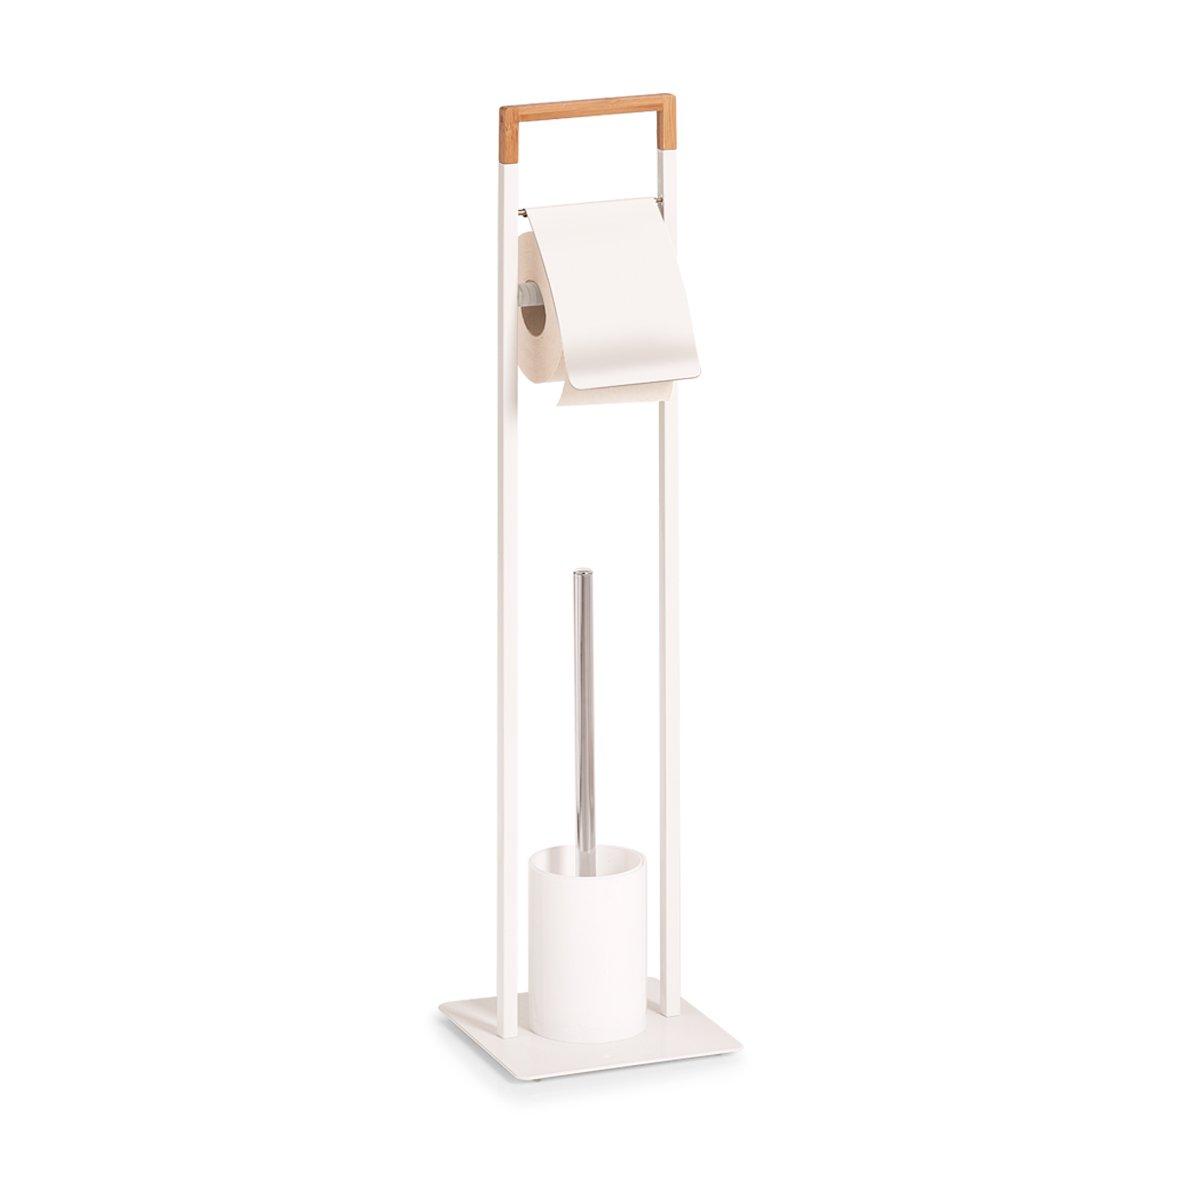 19 x 19 x 74.5 cm Zeller 18723/ bianco Metallo//Bamboo /Scopino per WC Legno Scopino